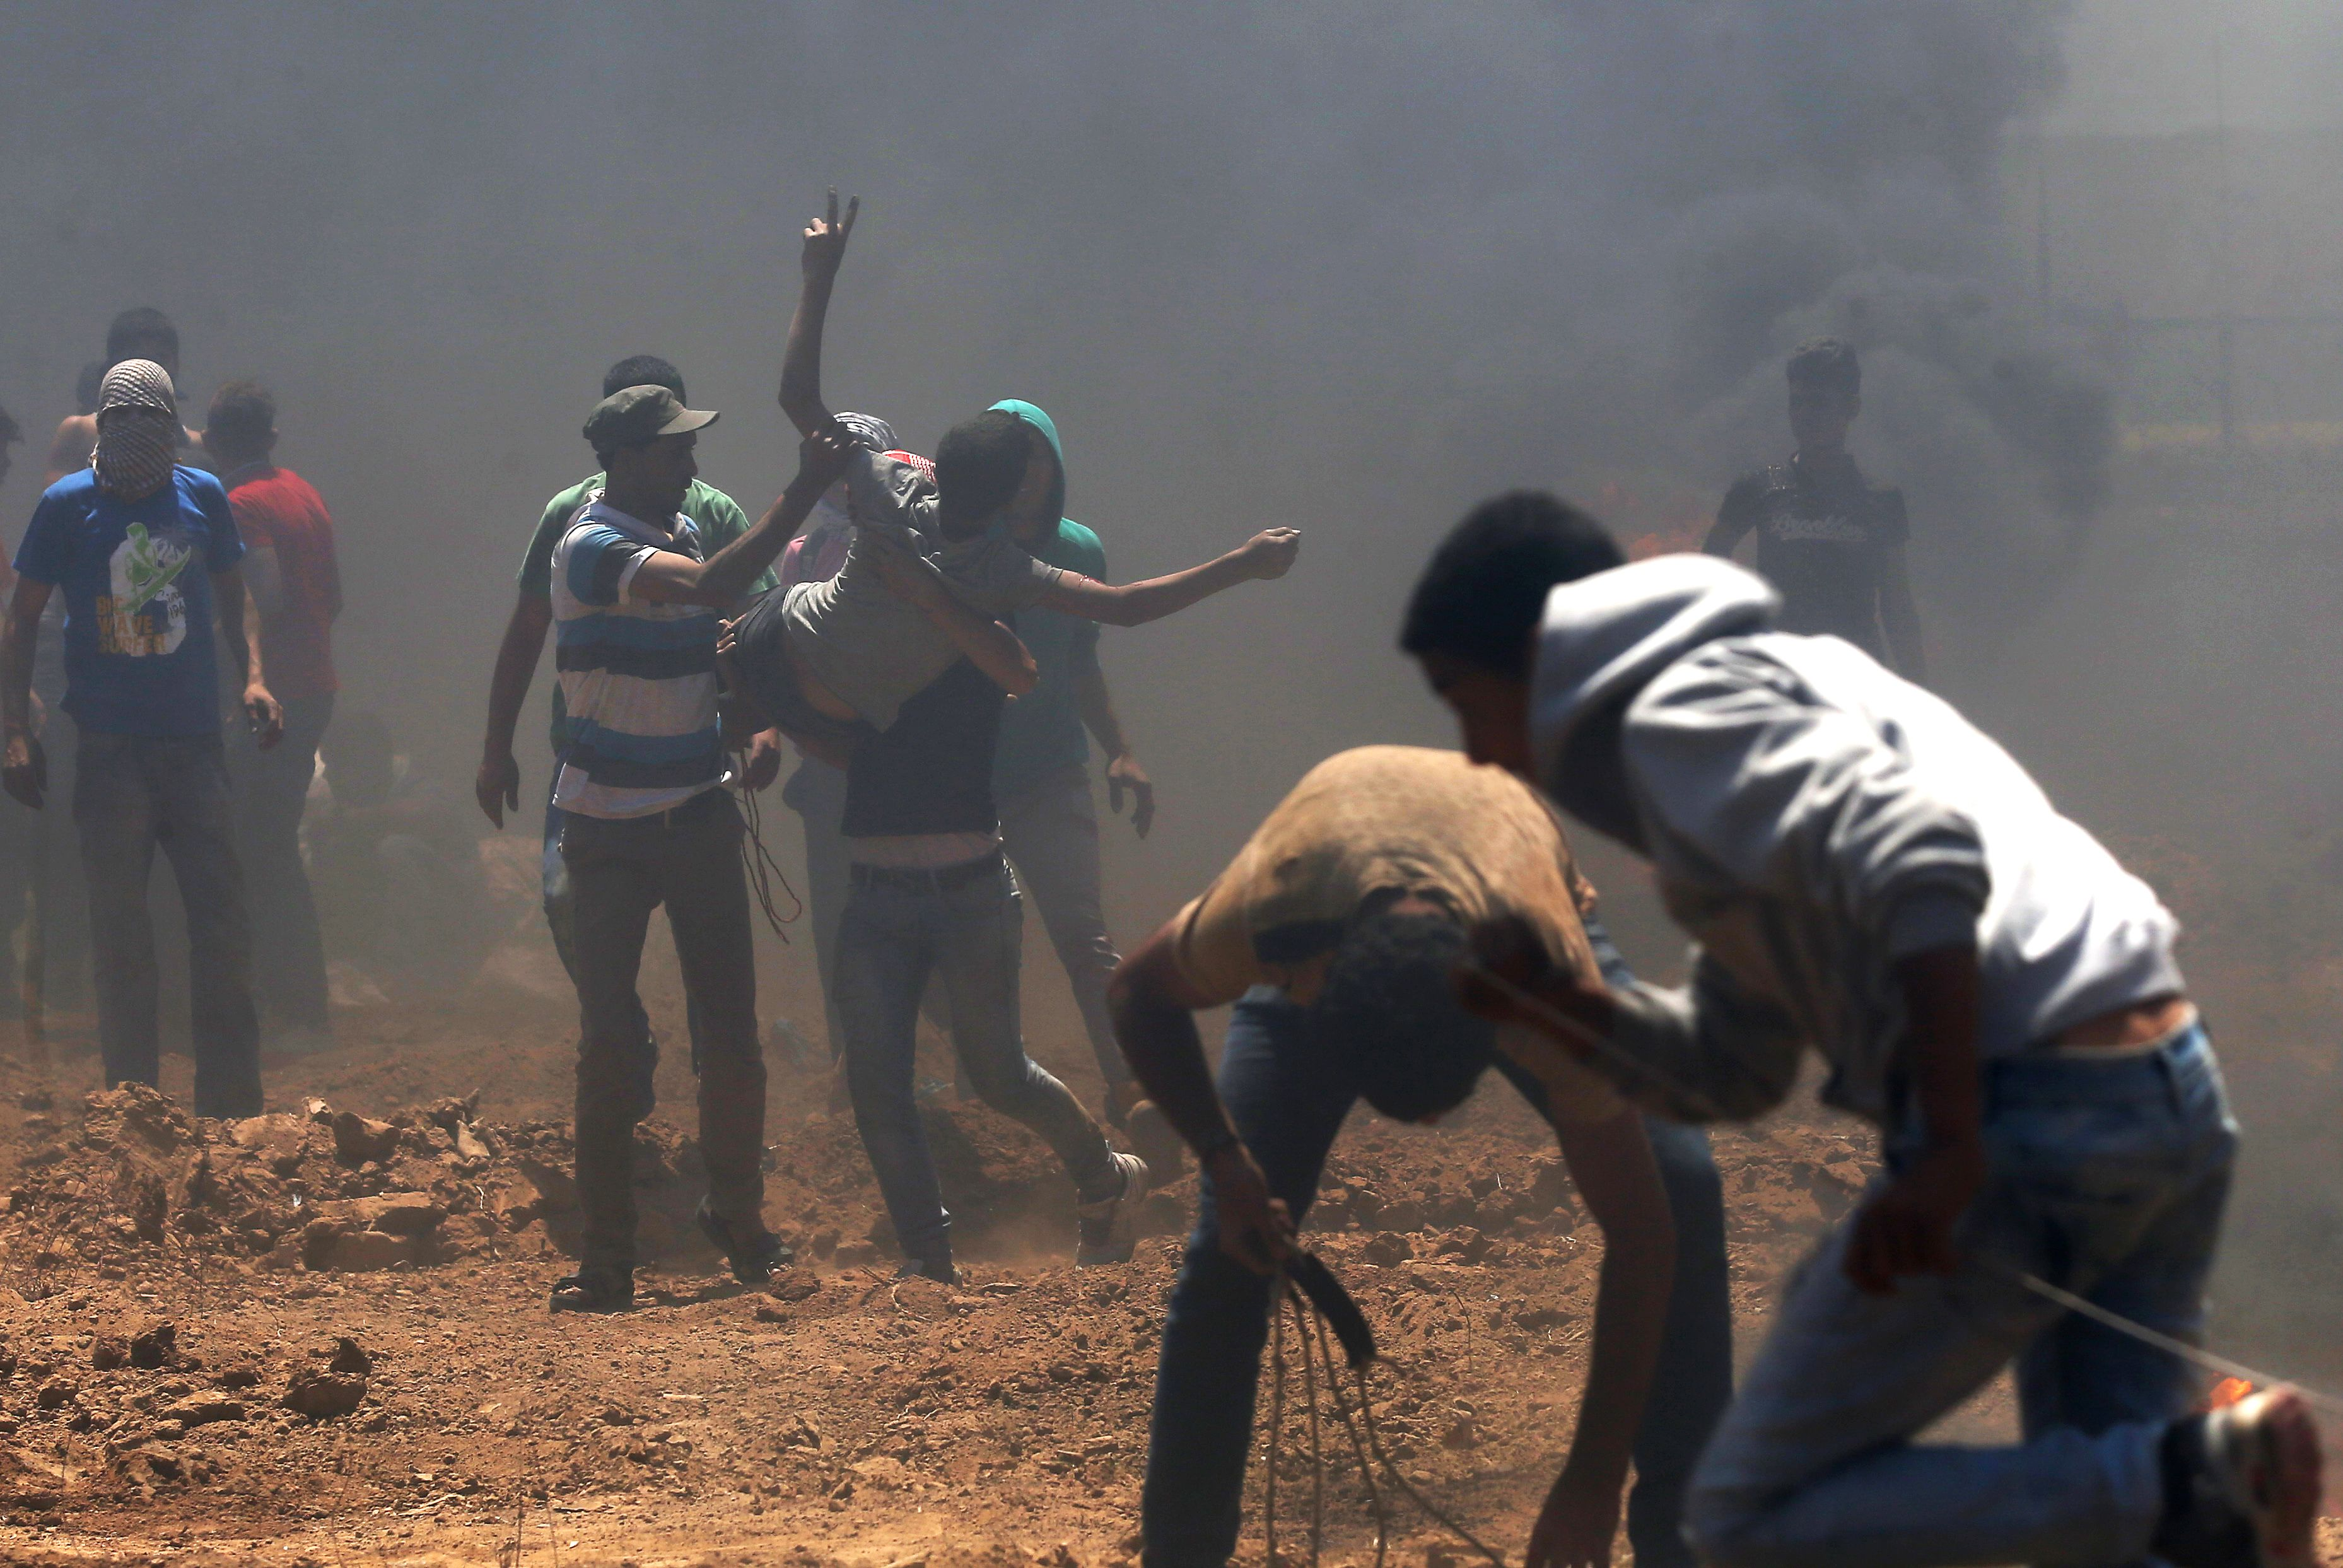 مواجهات عنيفة بين الفلسطينيين والاحتلال على حدود غزة